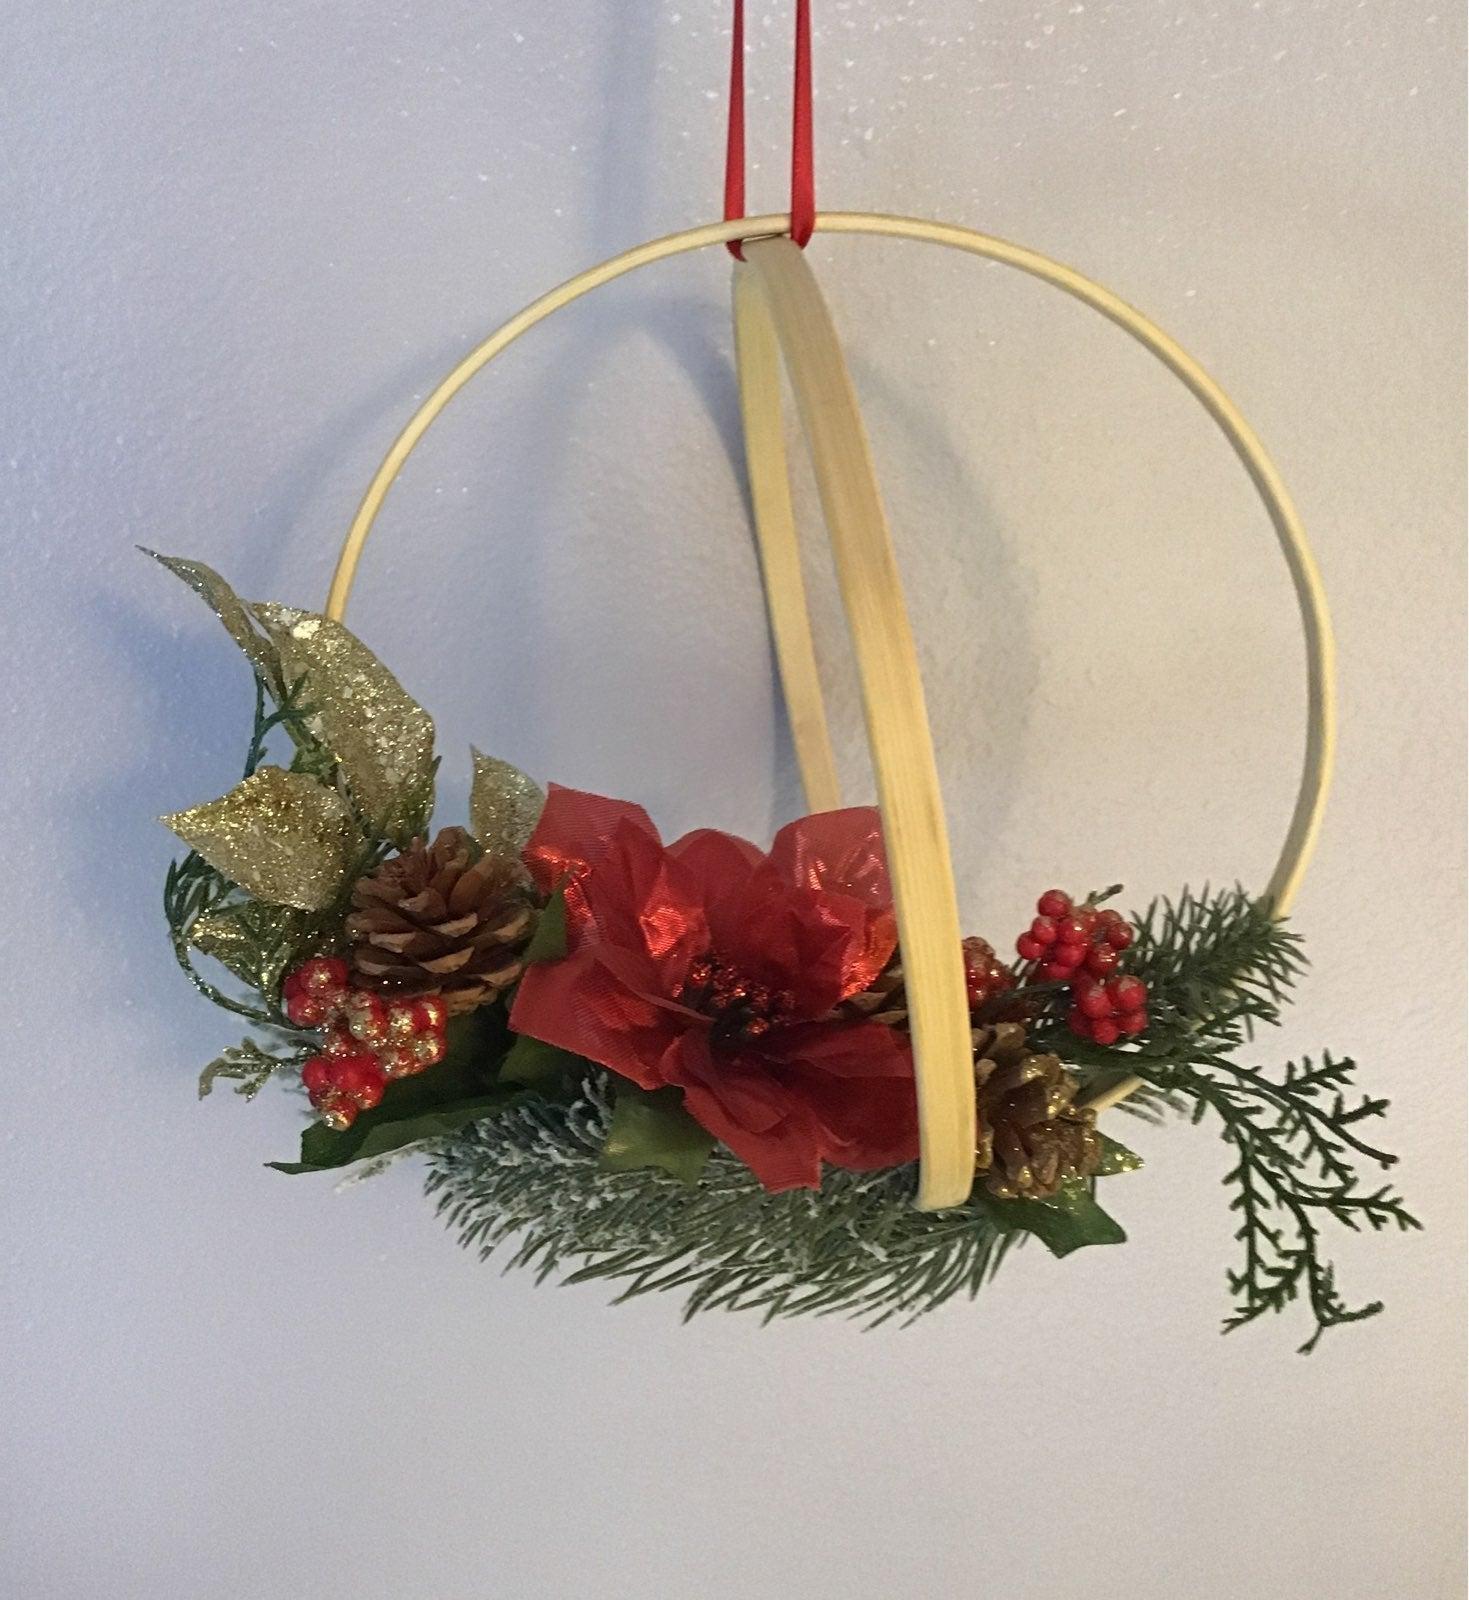 Christmas hanging ball